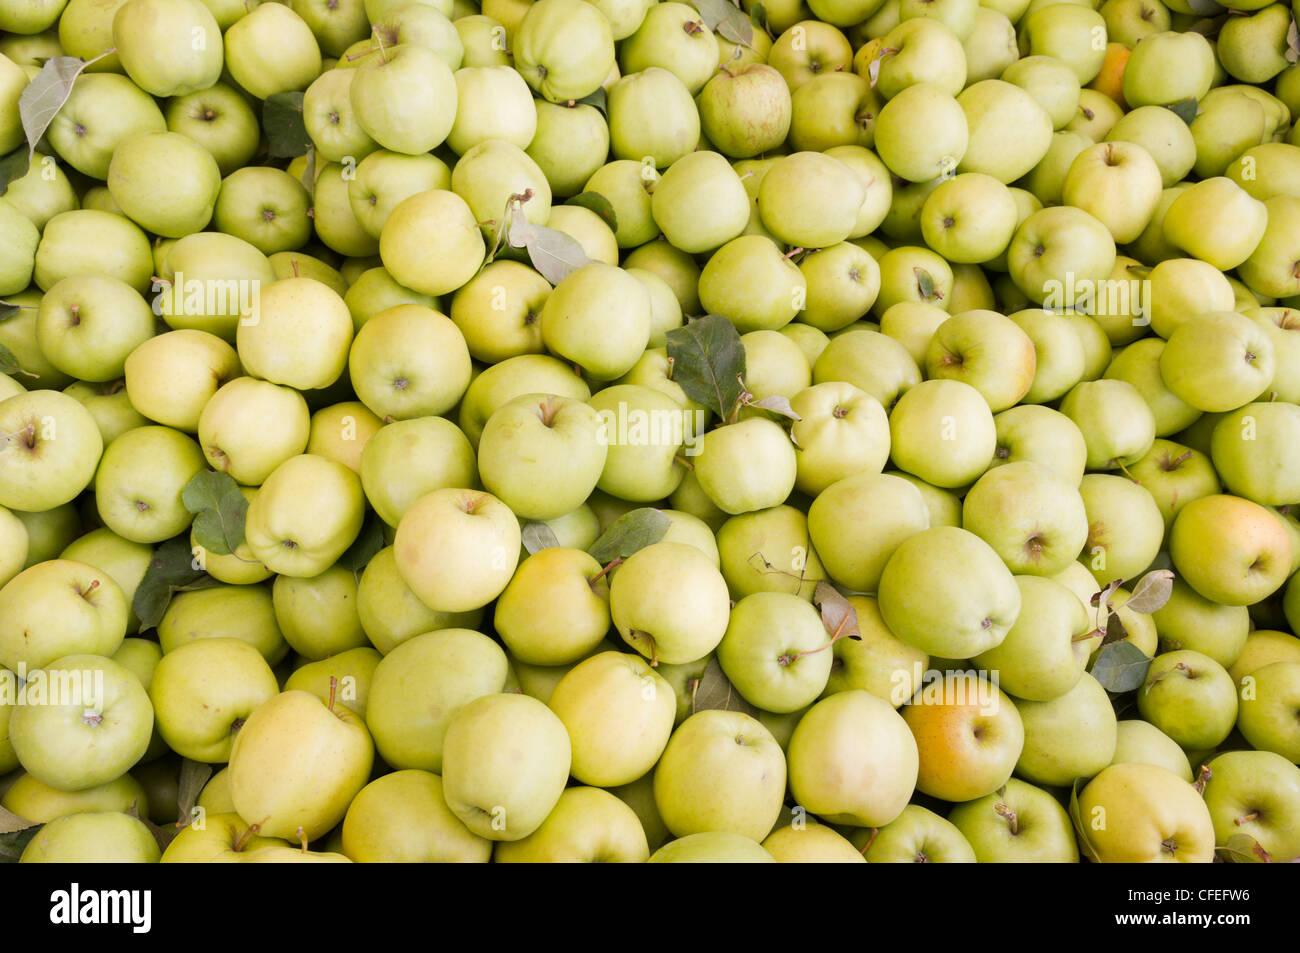 Frisch geerntete bunte goldene Äpfel auf dem Display auf dem Bauernmarkt Stockbild